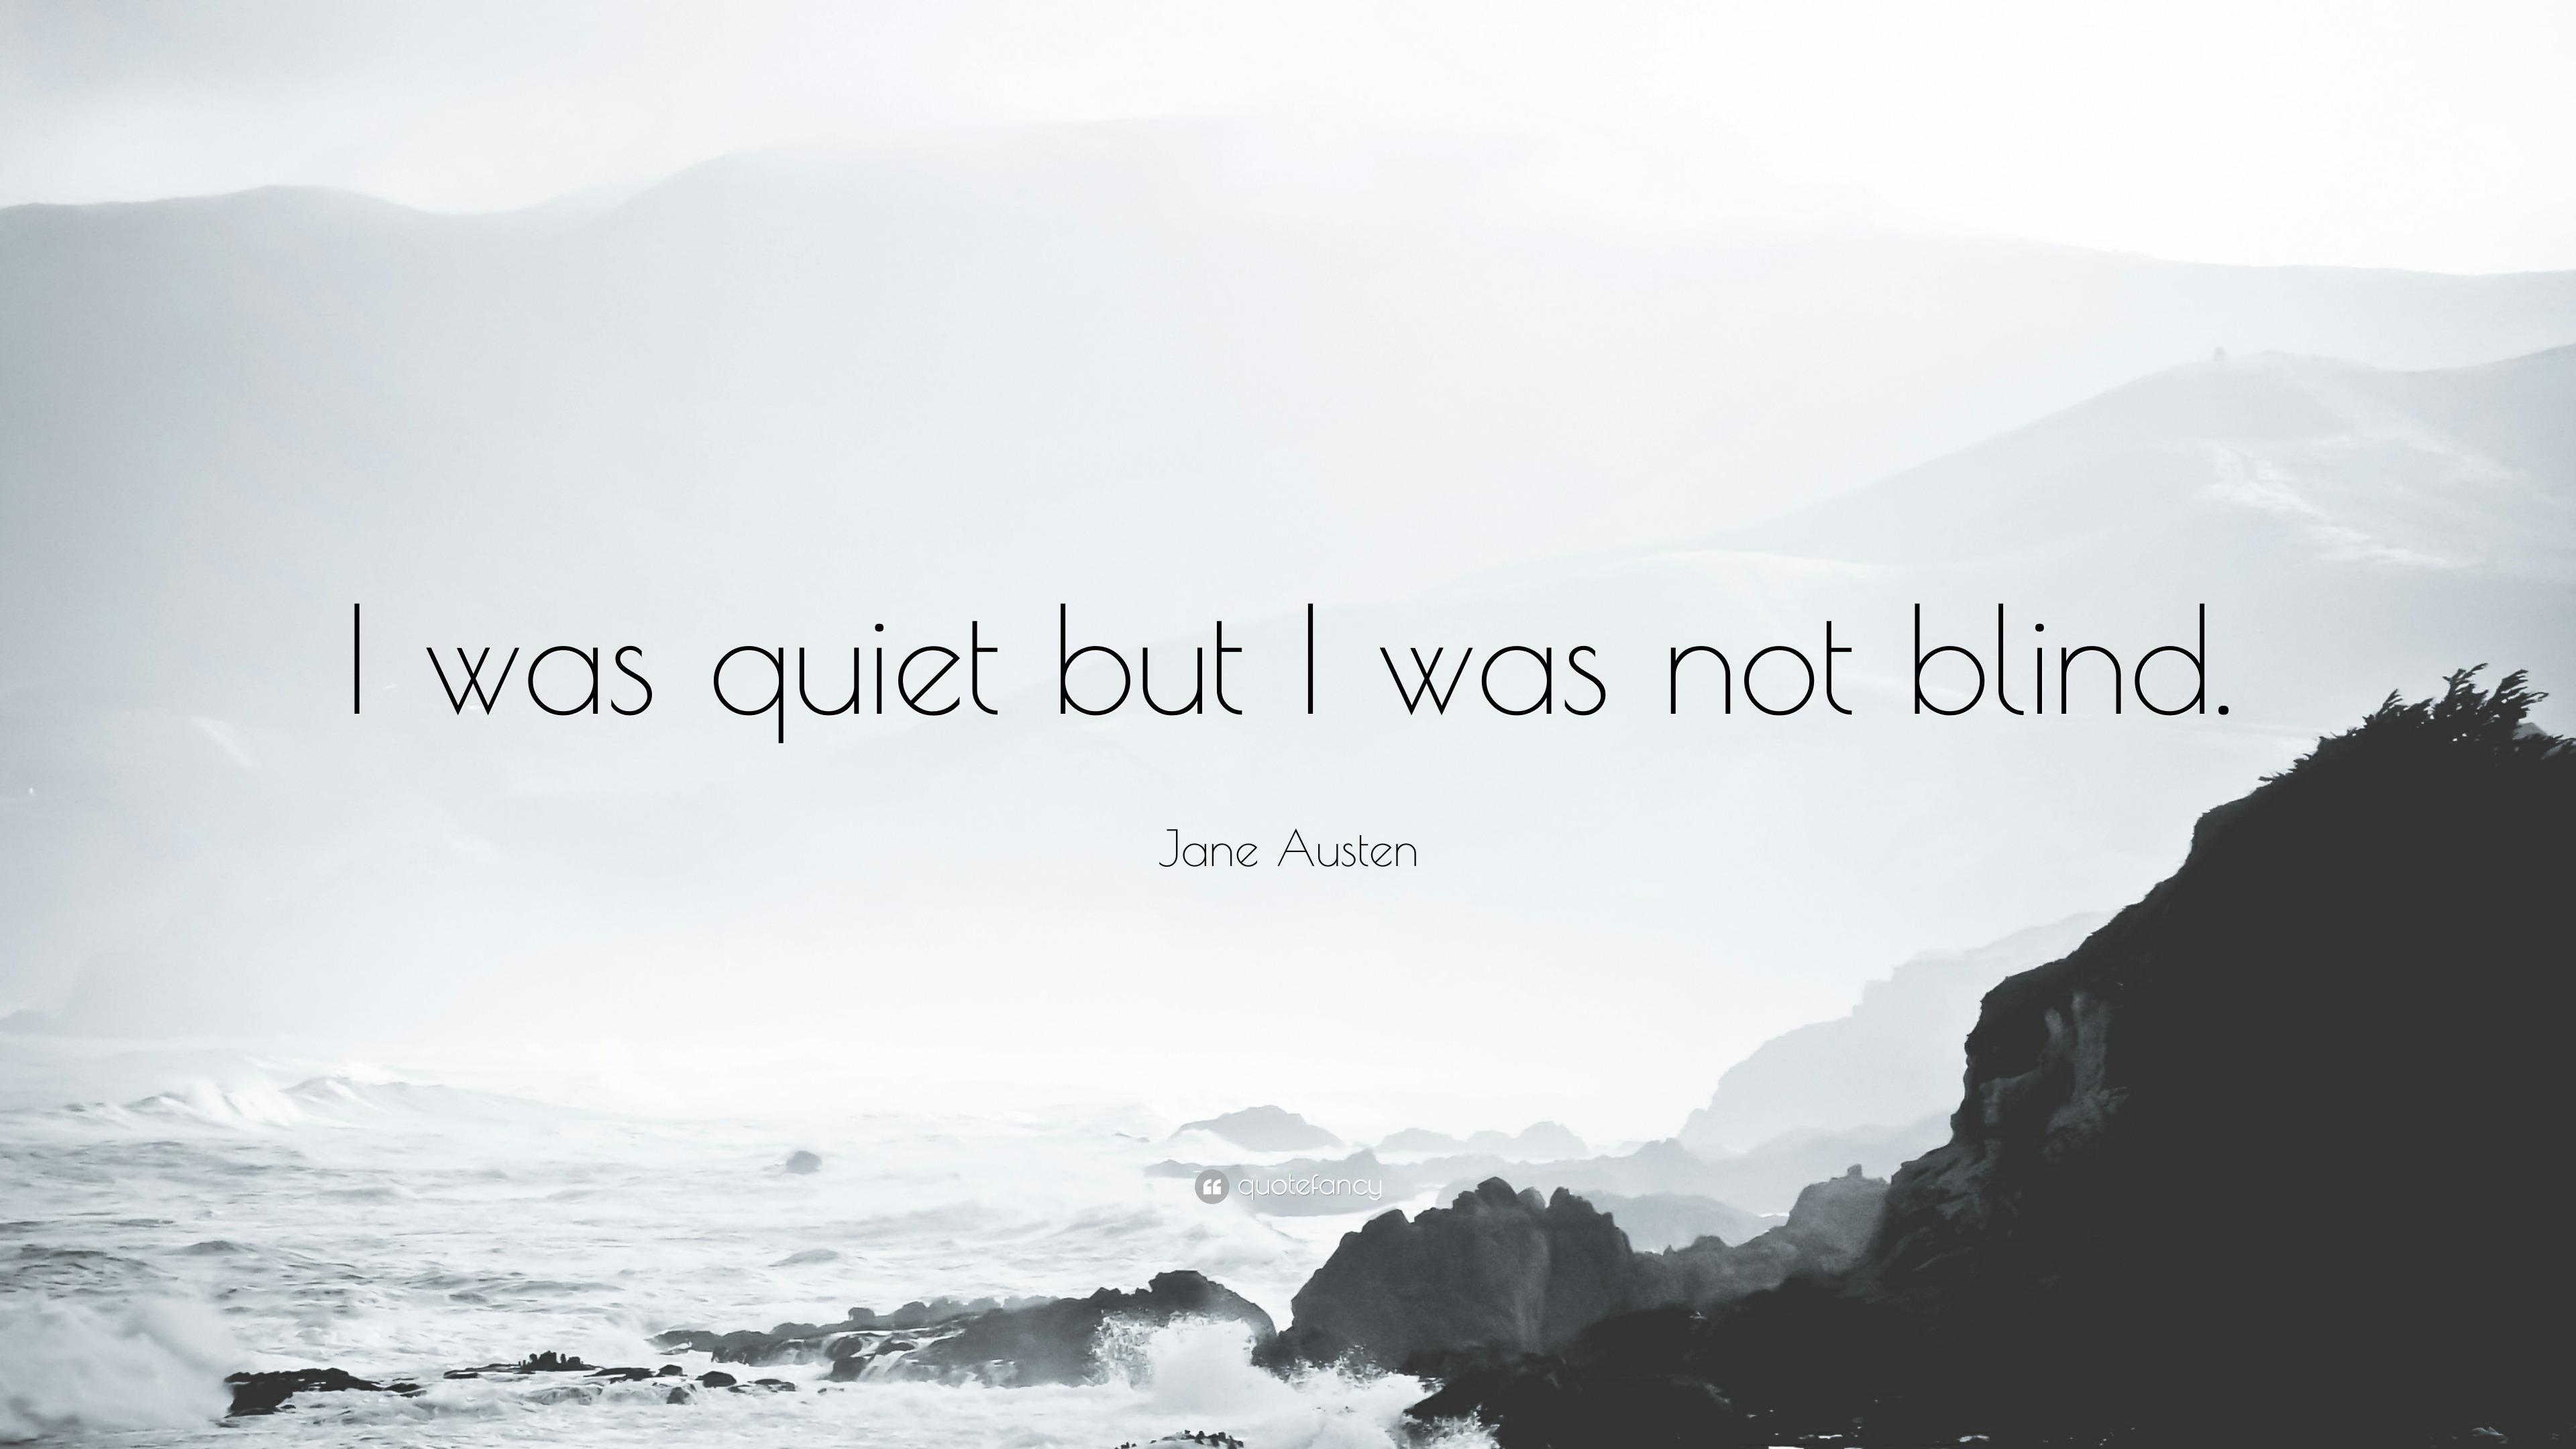 Jane Austen Quotes (500 wallpapers) - Quotefancy